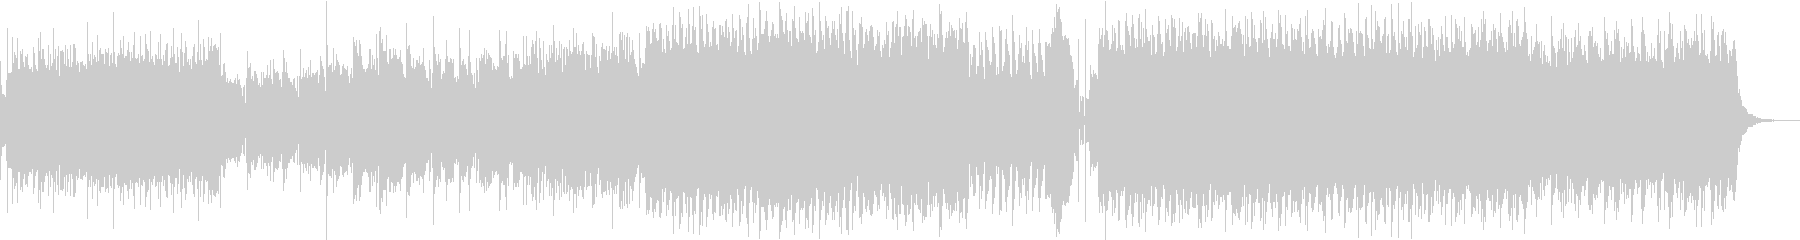 サイバー感あるロック曲:ヴァイオリンの未再生の波形